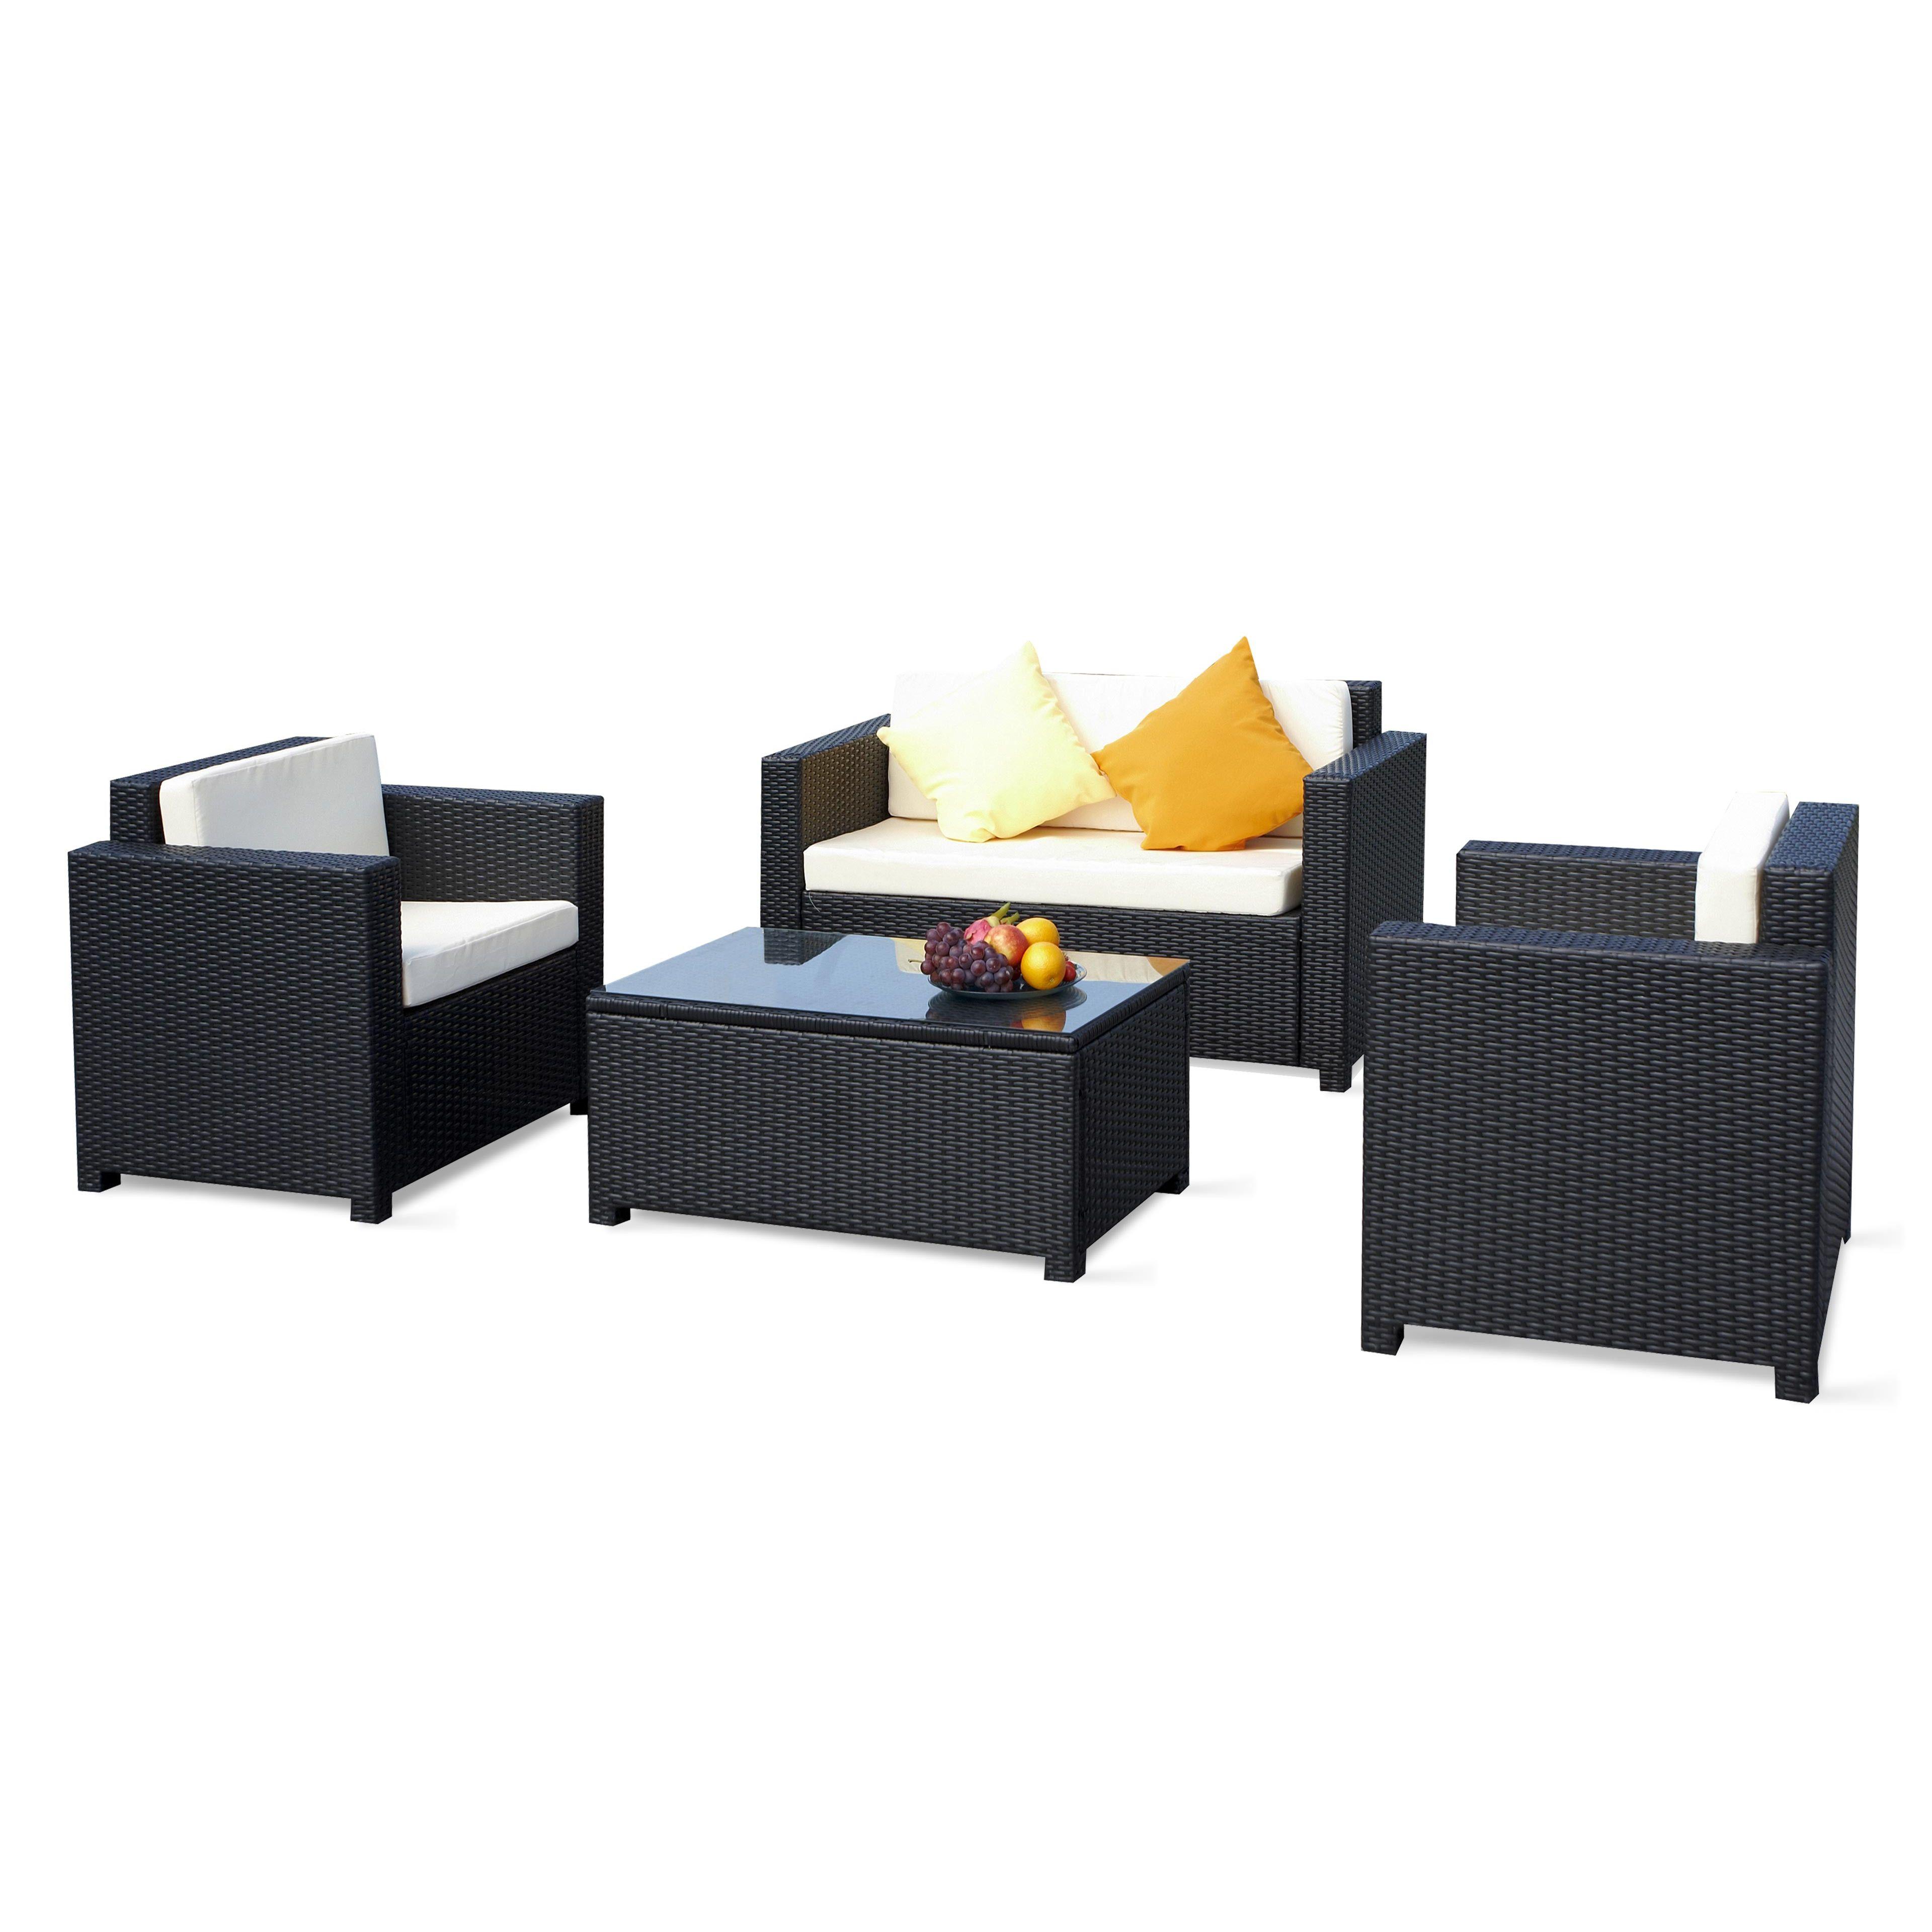 salon de jardin pas cher en r sine 4 places. Black Bedroom Furniture Sets. Home Design Ideas